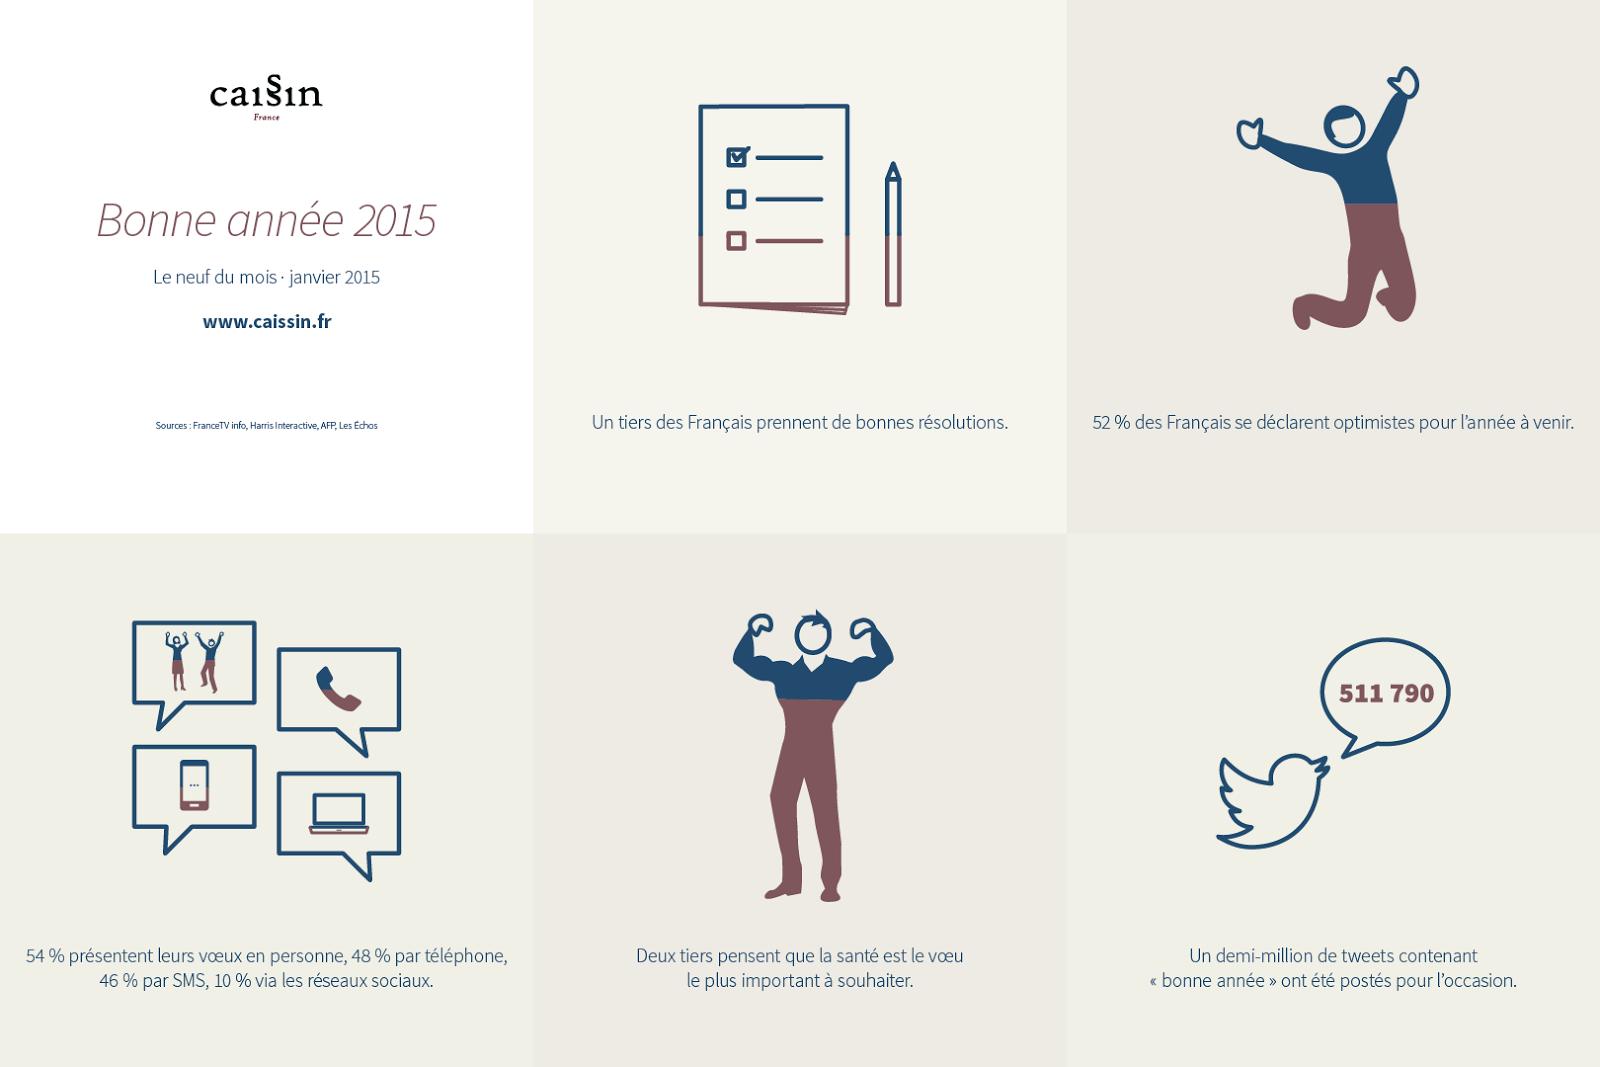 Infographie sur les chiffres clés de nouvel an 2015